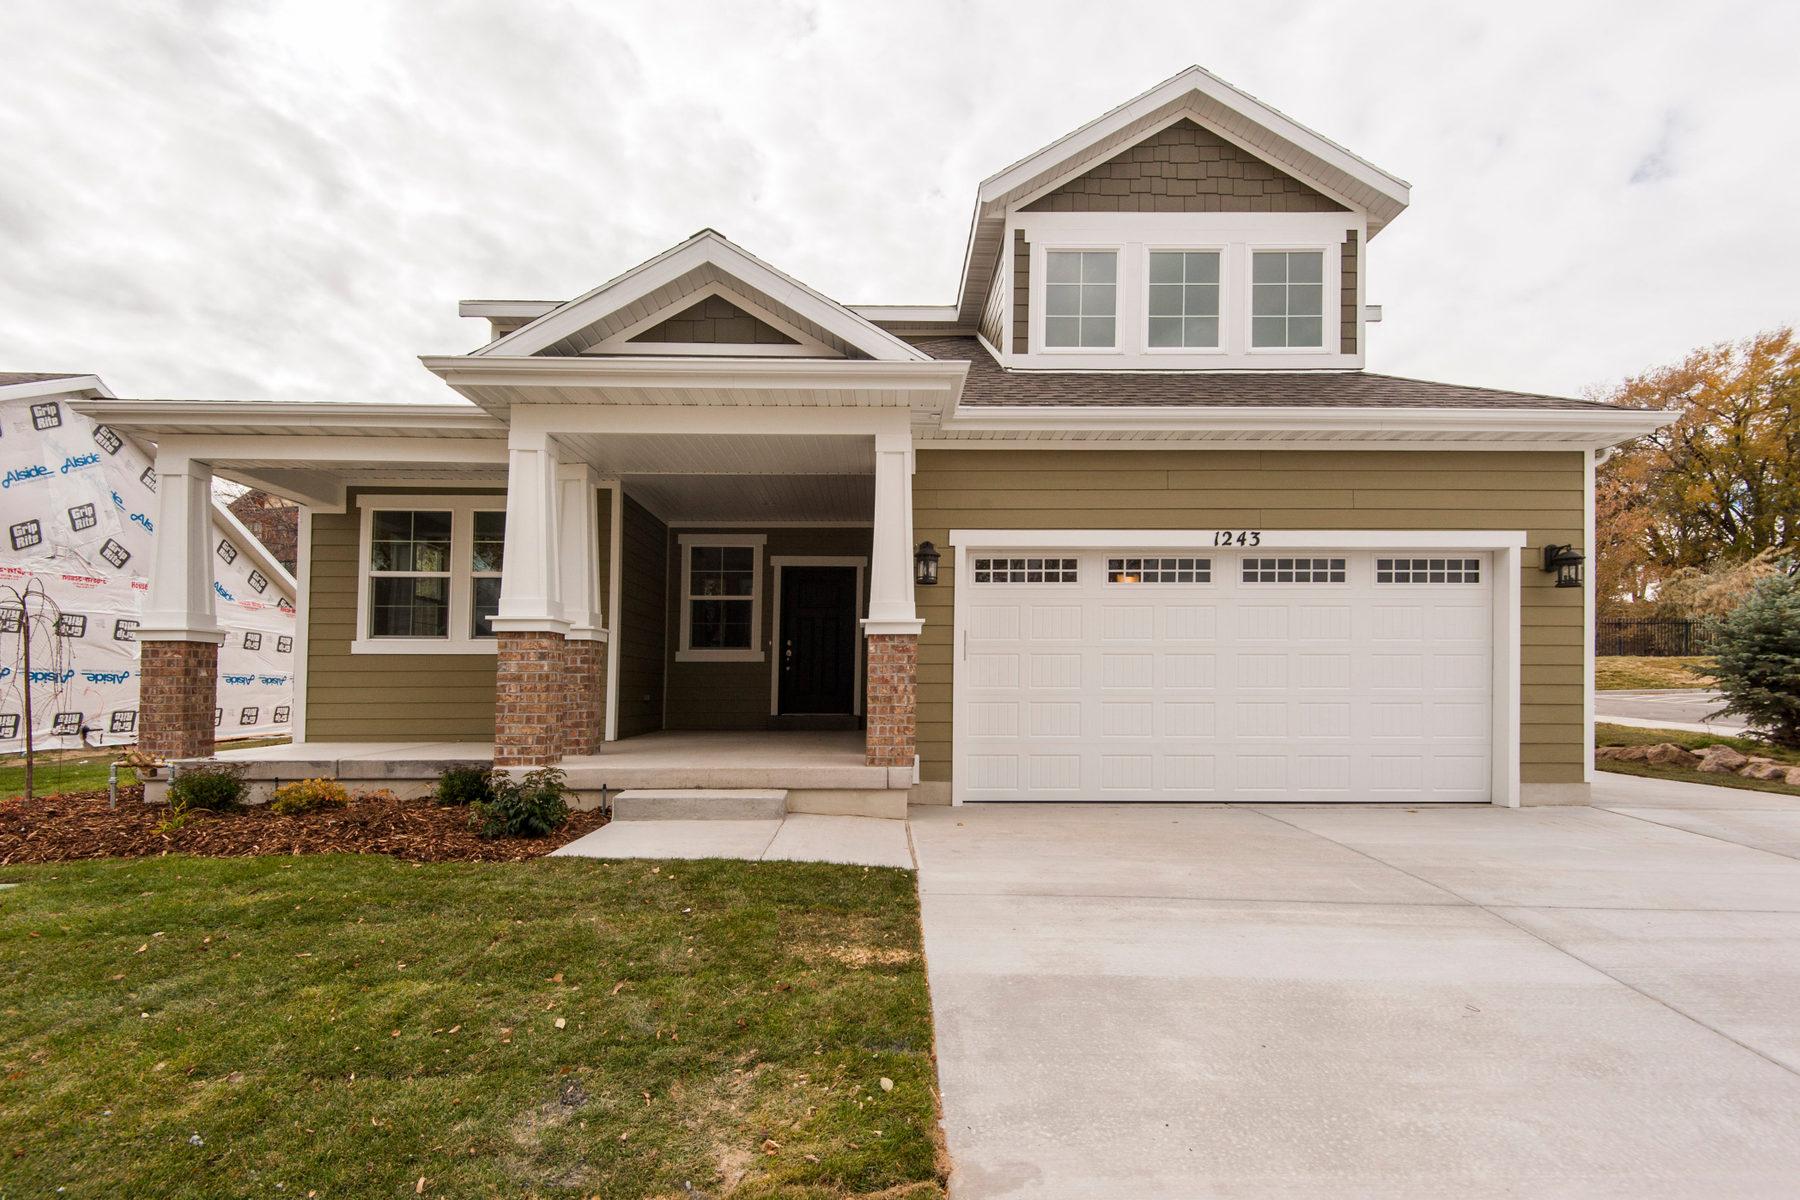 Casa Unifamiliar por un Venta en Craftsman Rambler 1221 W Holt Farm Lane South Jordan, Utah 84095 Estados Unidos